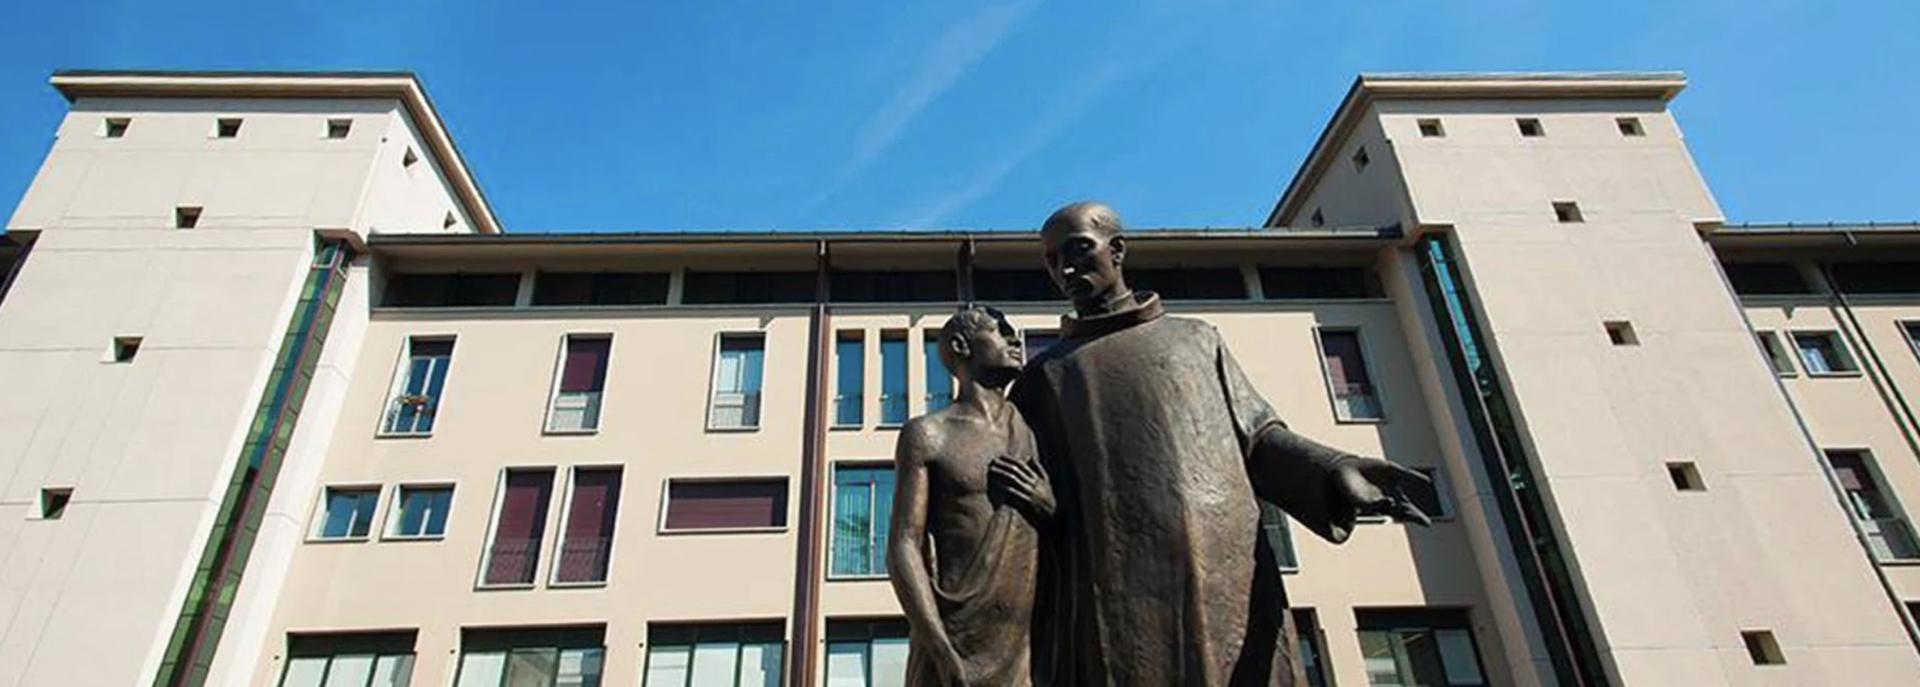 Nuovo Direttore Generale dell'Ospedale Sacra Famiglia di Erba: l'Ordine guarda al futuro